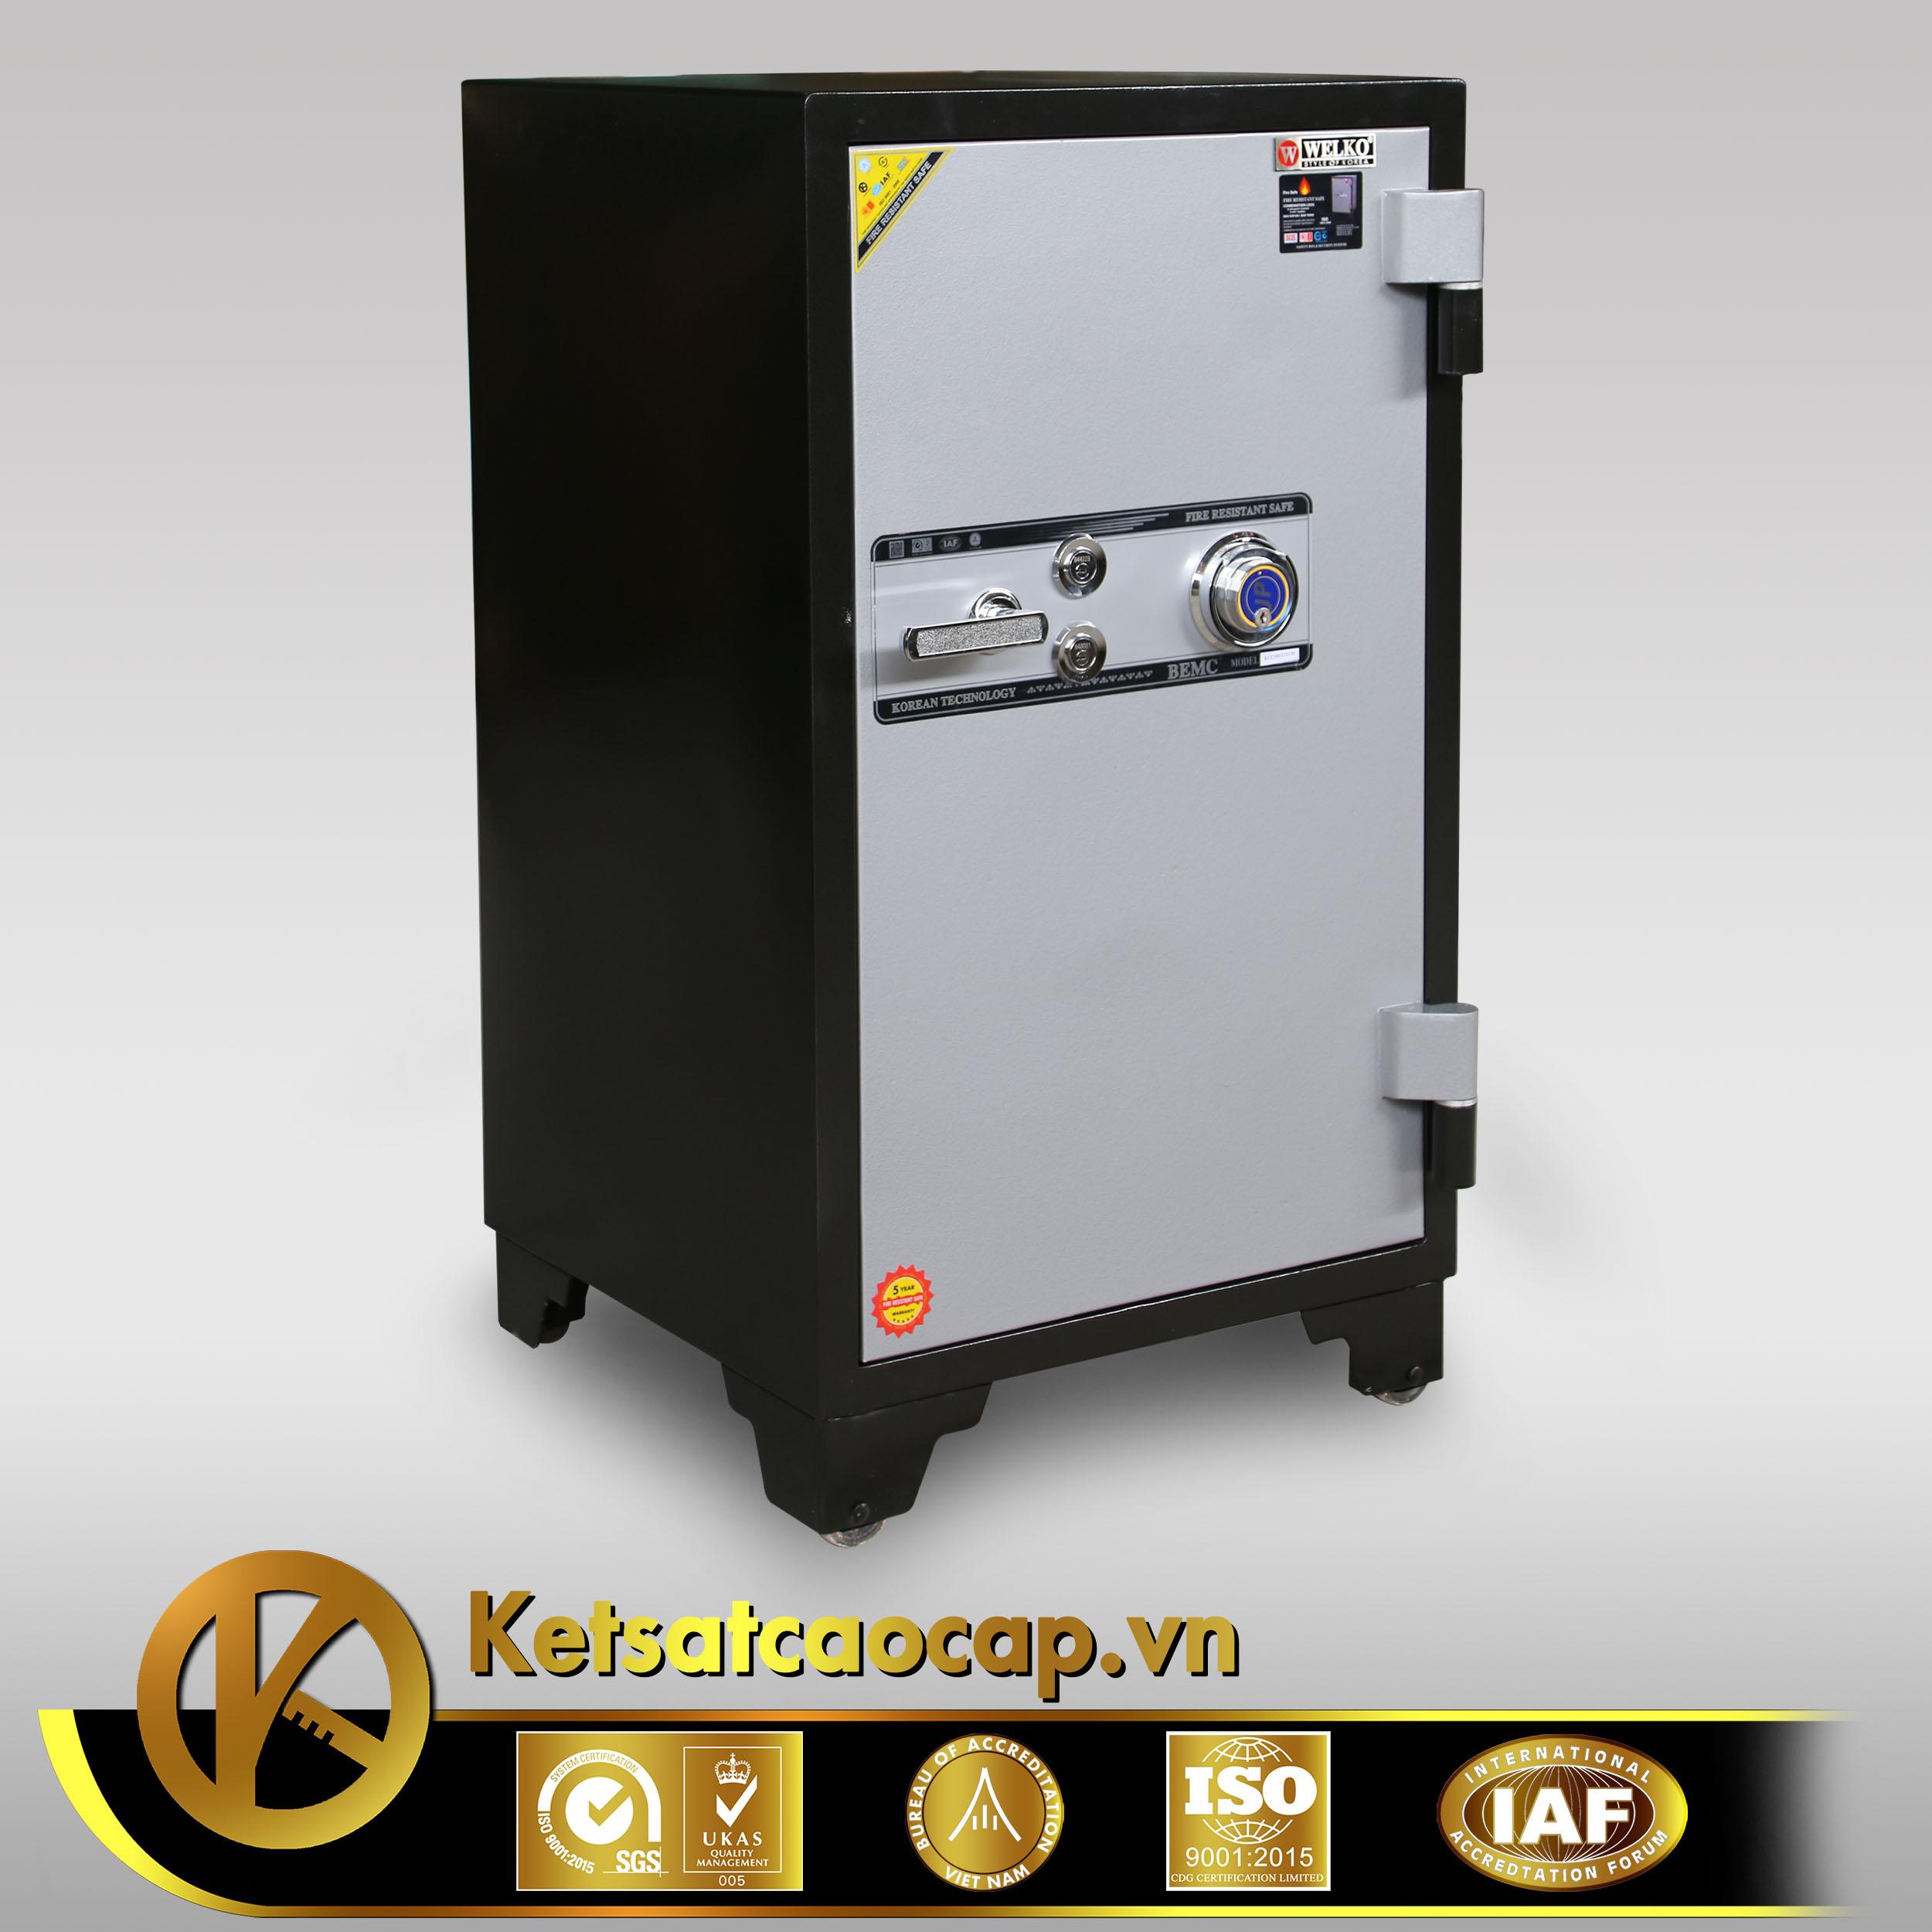 đặc điểm sản phẩm Két sắt Welko KS1070 DK khóa  điện tử Đổi Mã